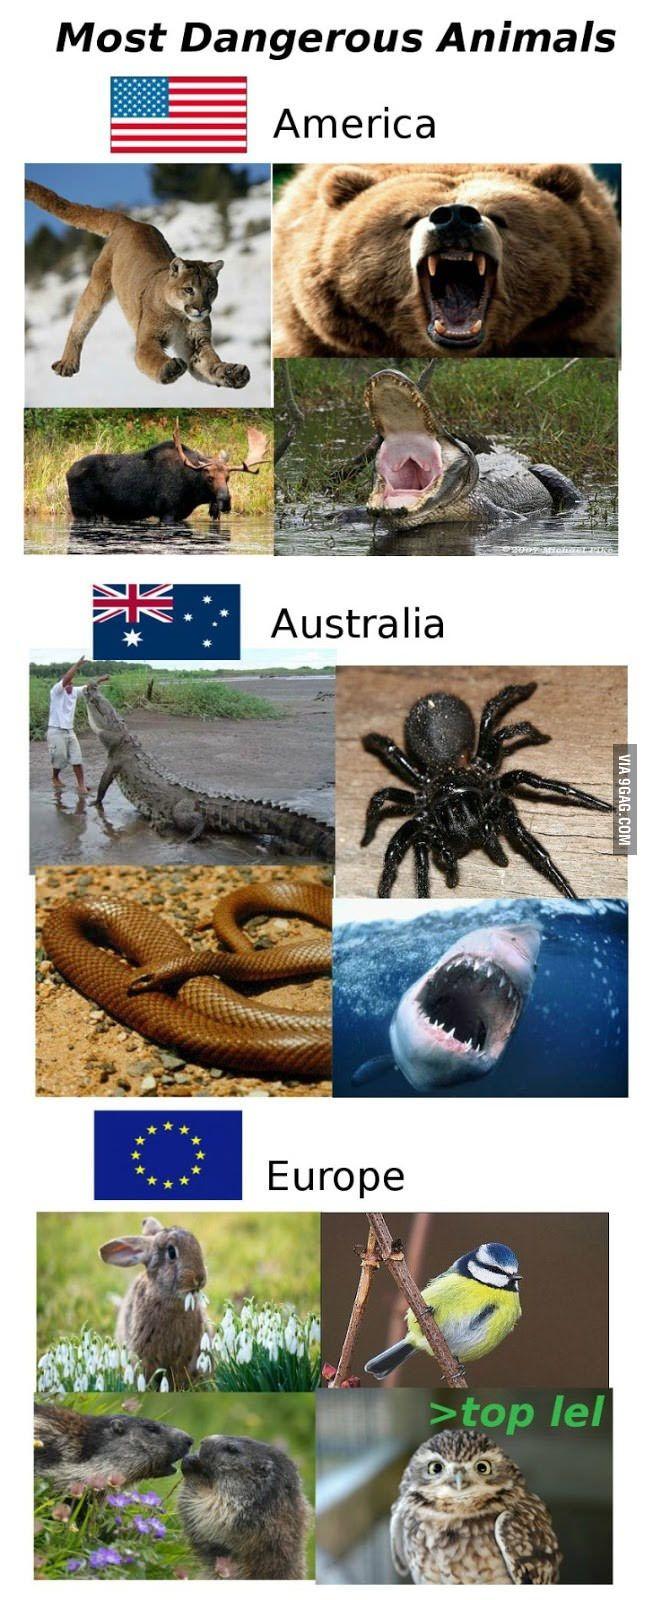 Most Dangerous Animals in... Immagini divertenti, Foto